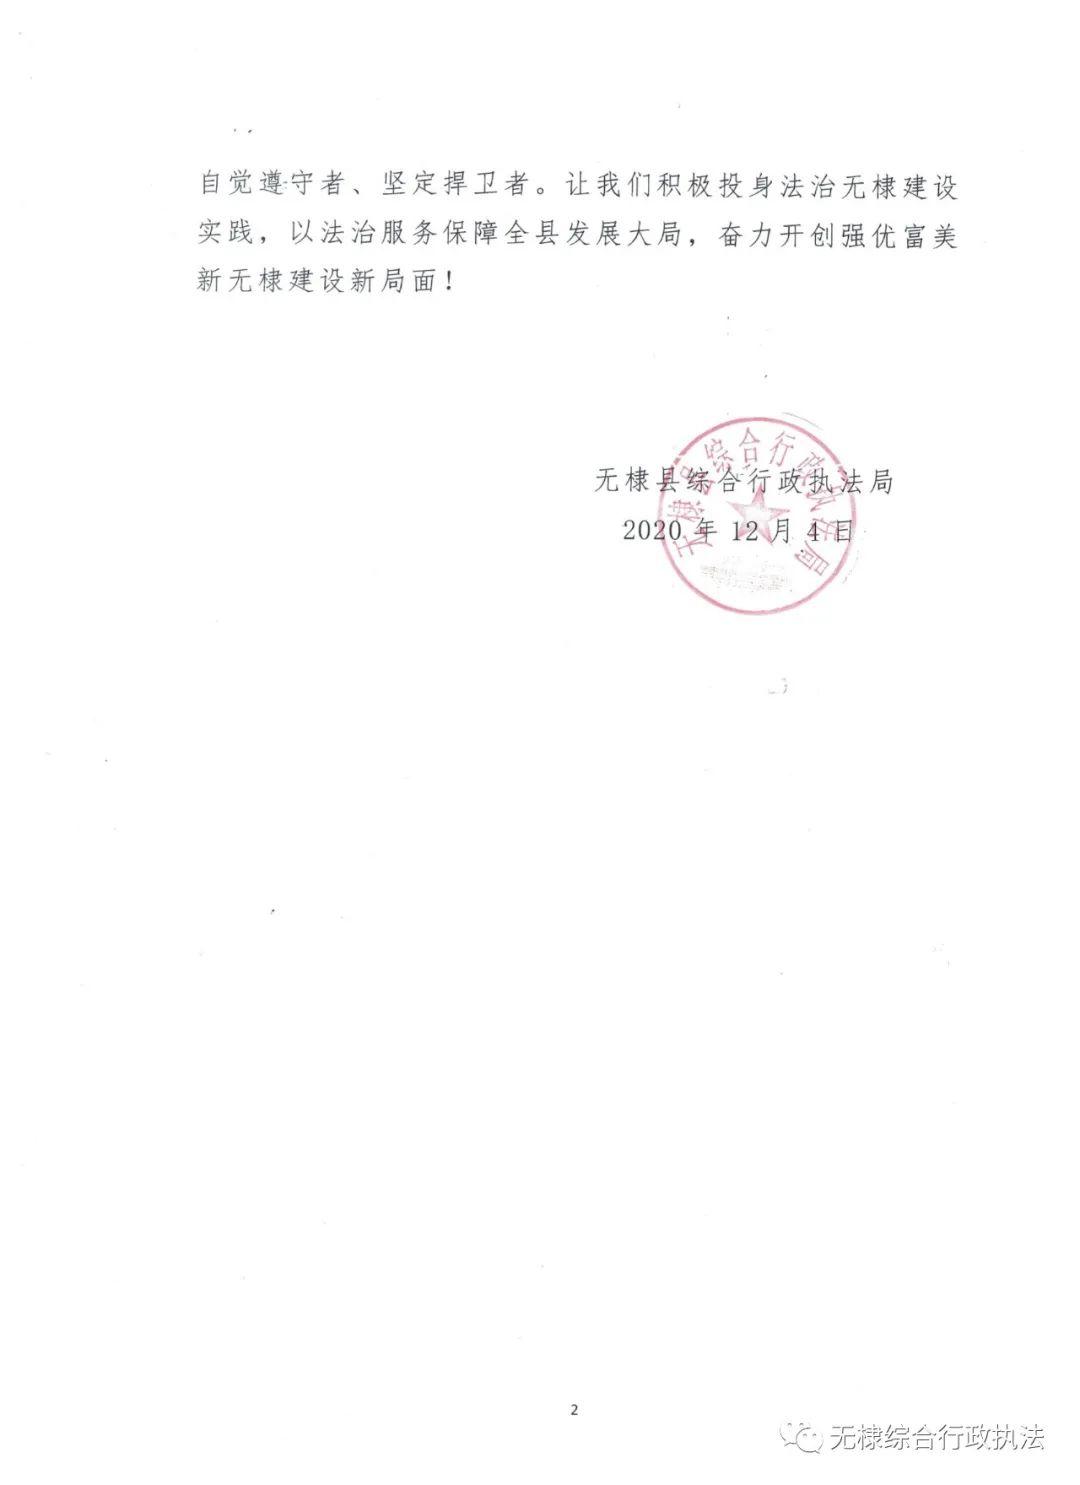 """弘扬宪法精神 维护宪法权威 ——无棣县综合行政执法局举行""""宪法日""""宣传活动"""